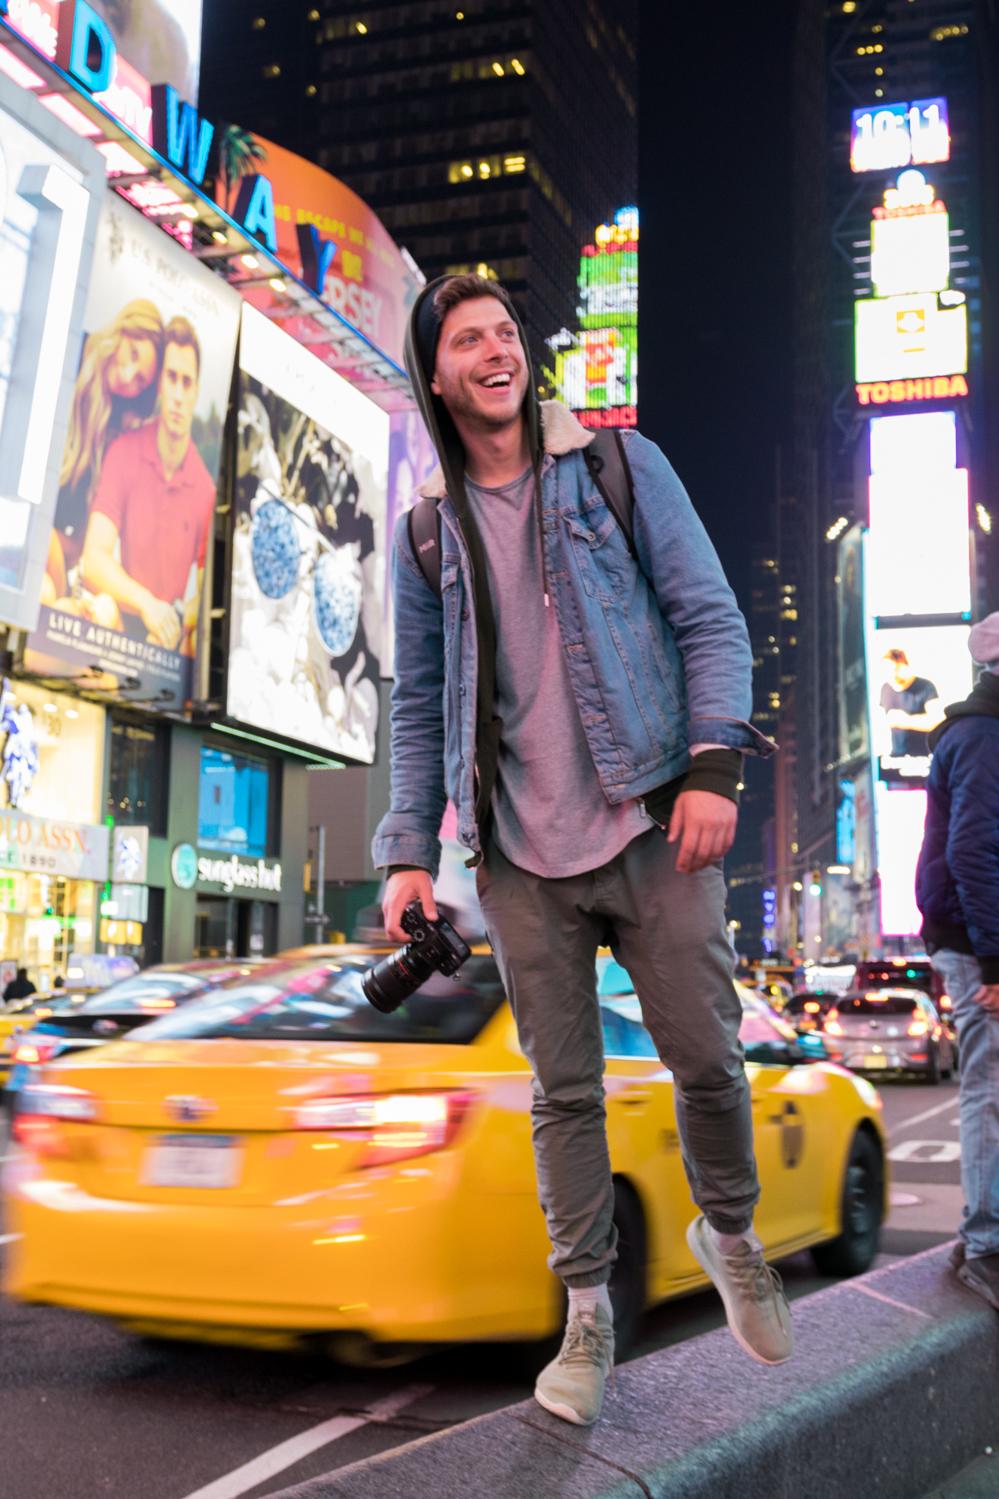 180408 - NYC + DC Jpegs_MG_0900.jpg